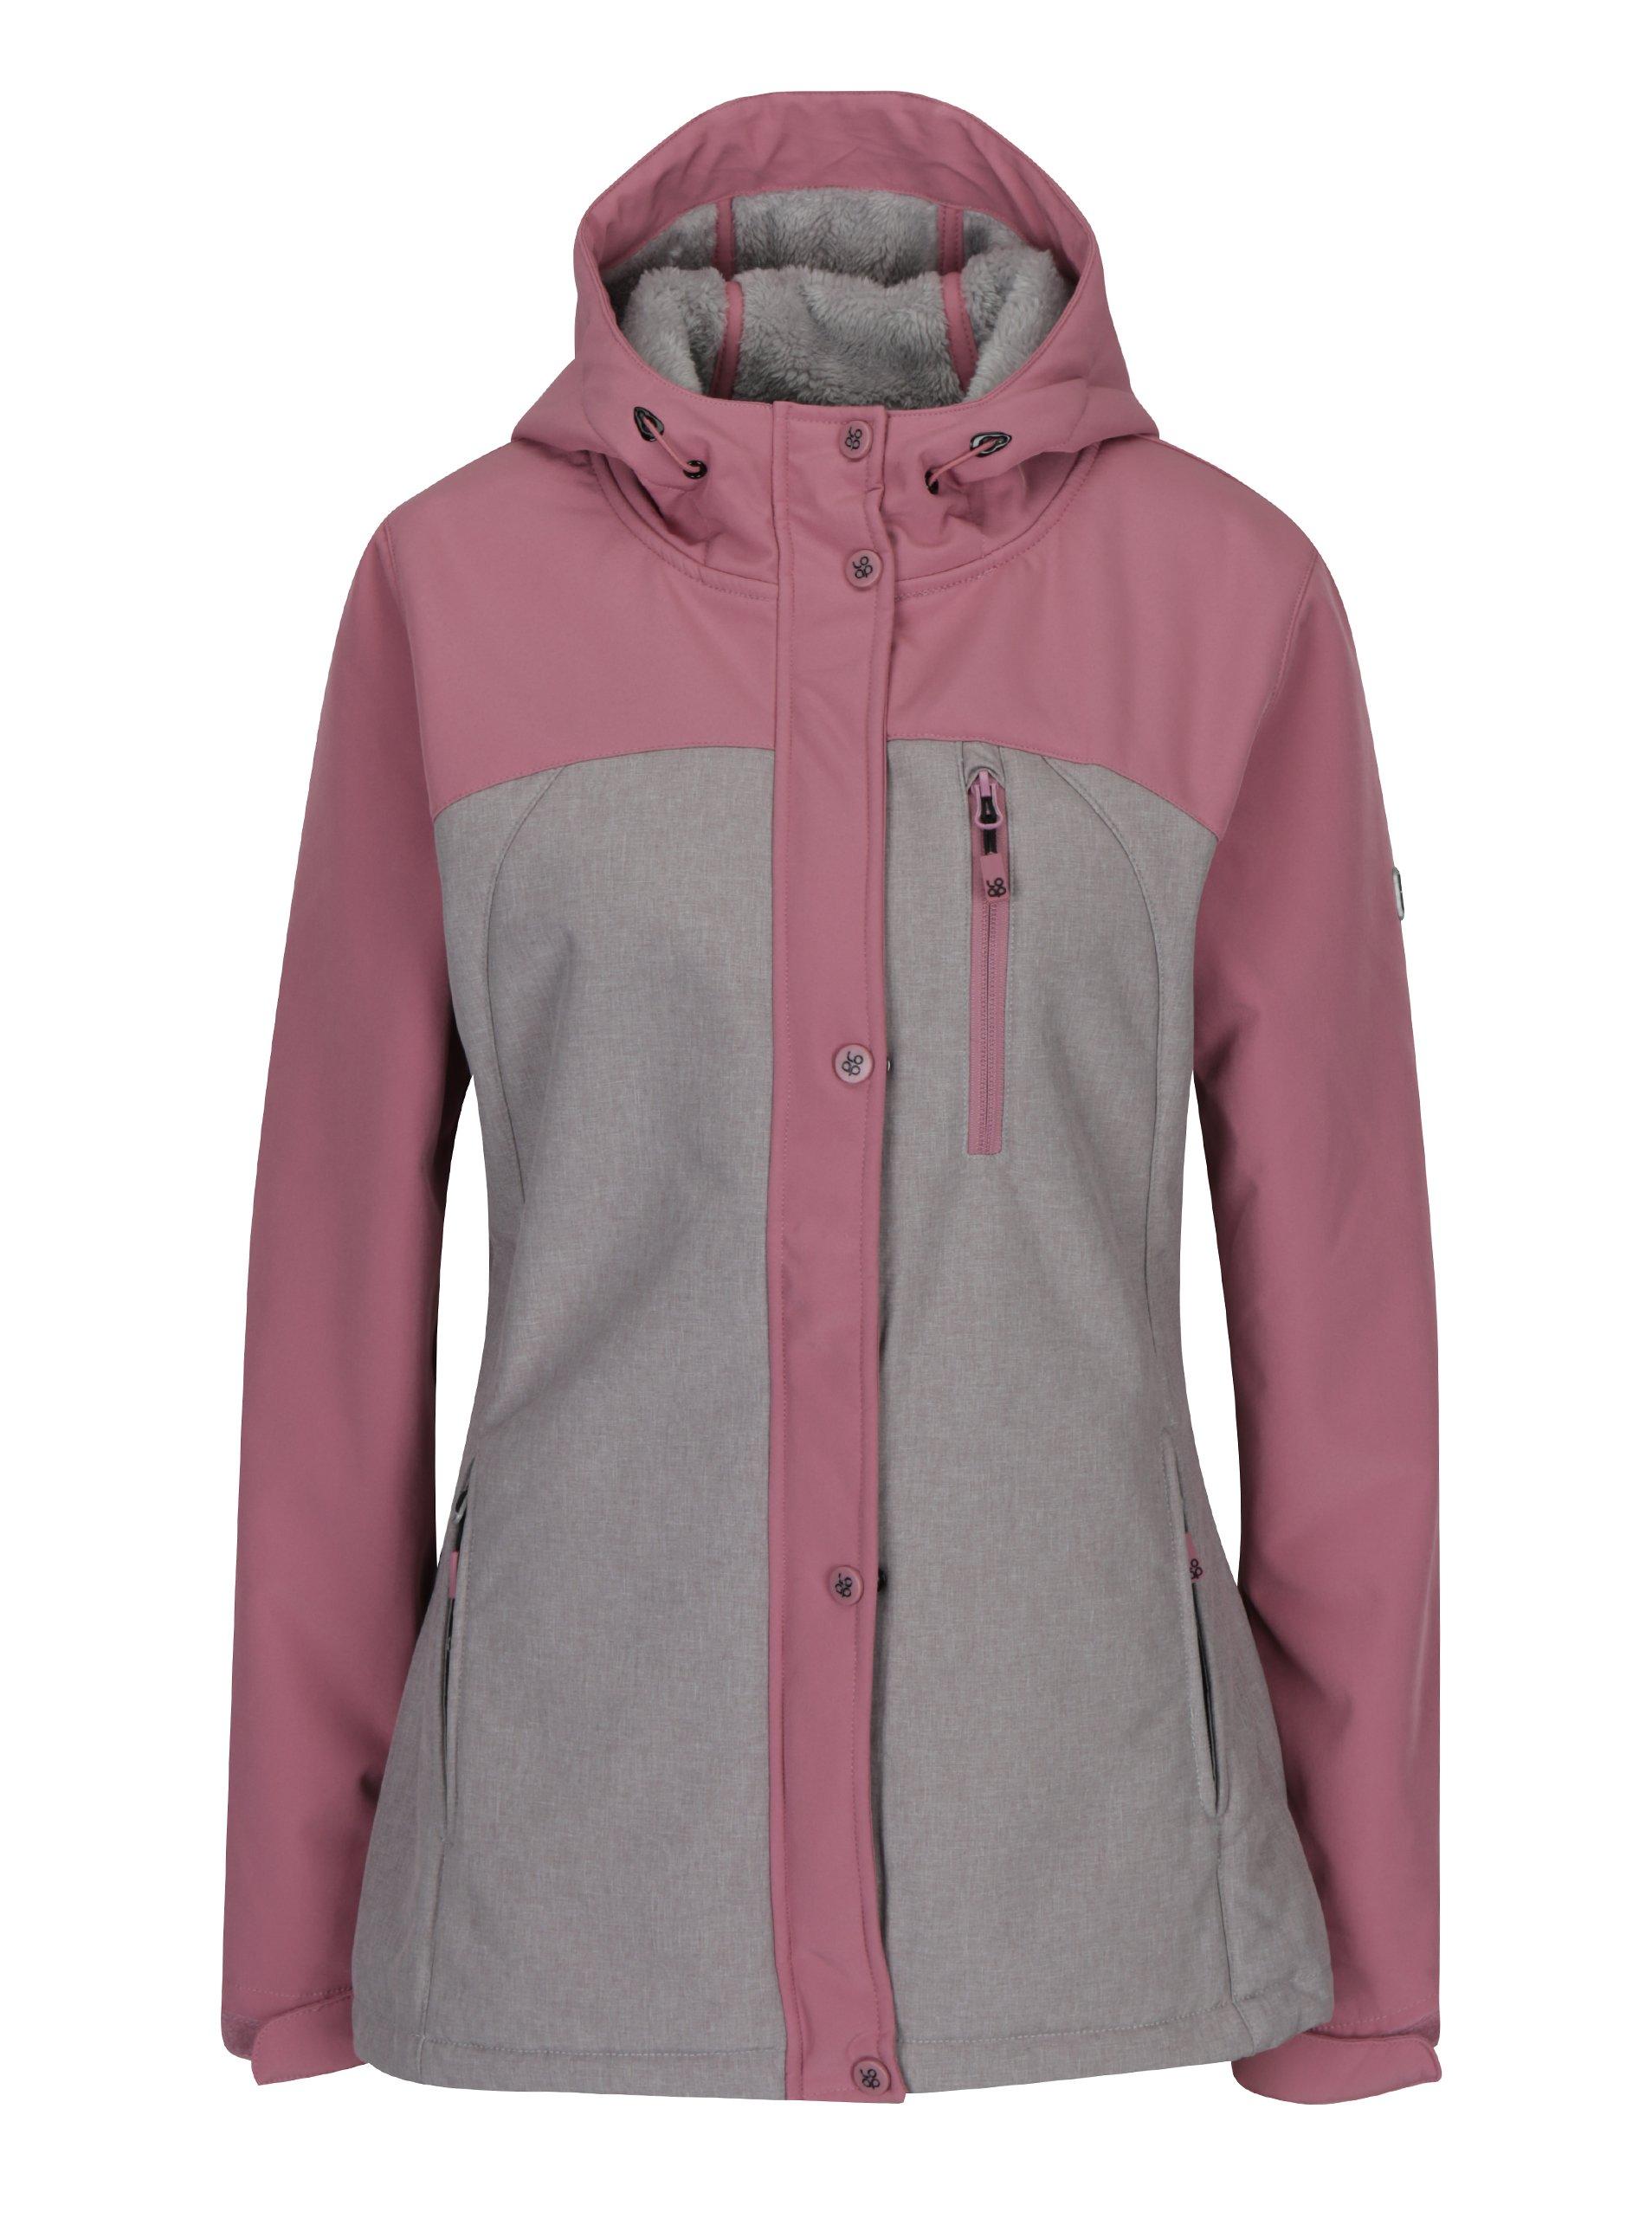 Růžovo-šedá dámská softshellová nepromokavá bunda LOAP Lusidam